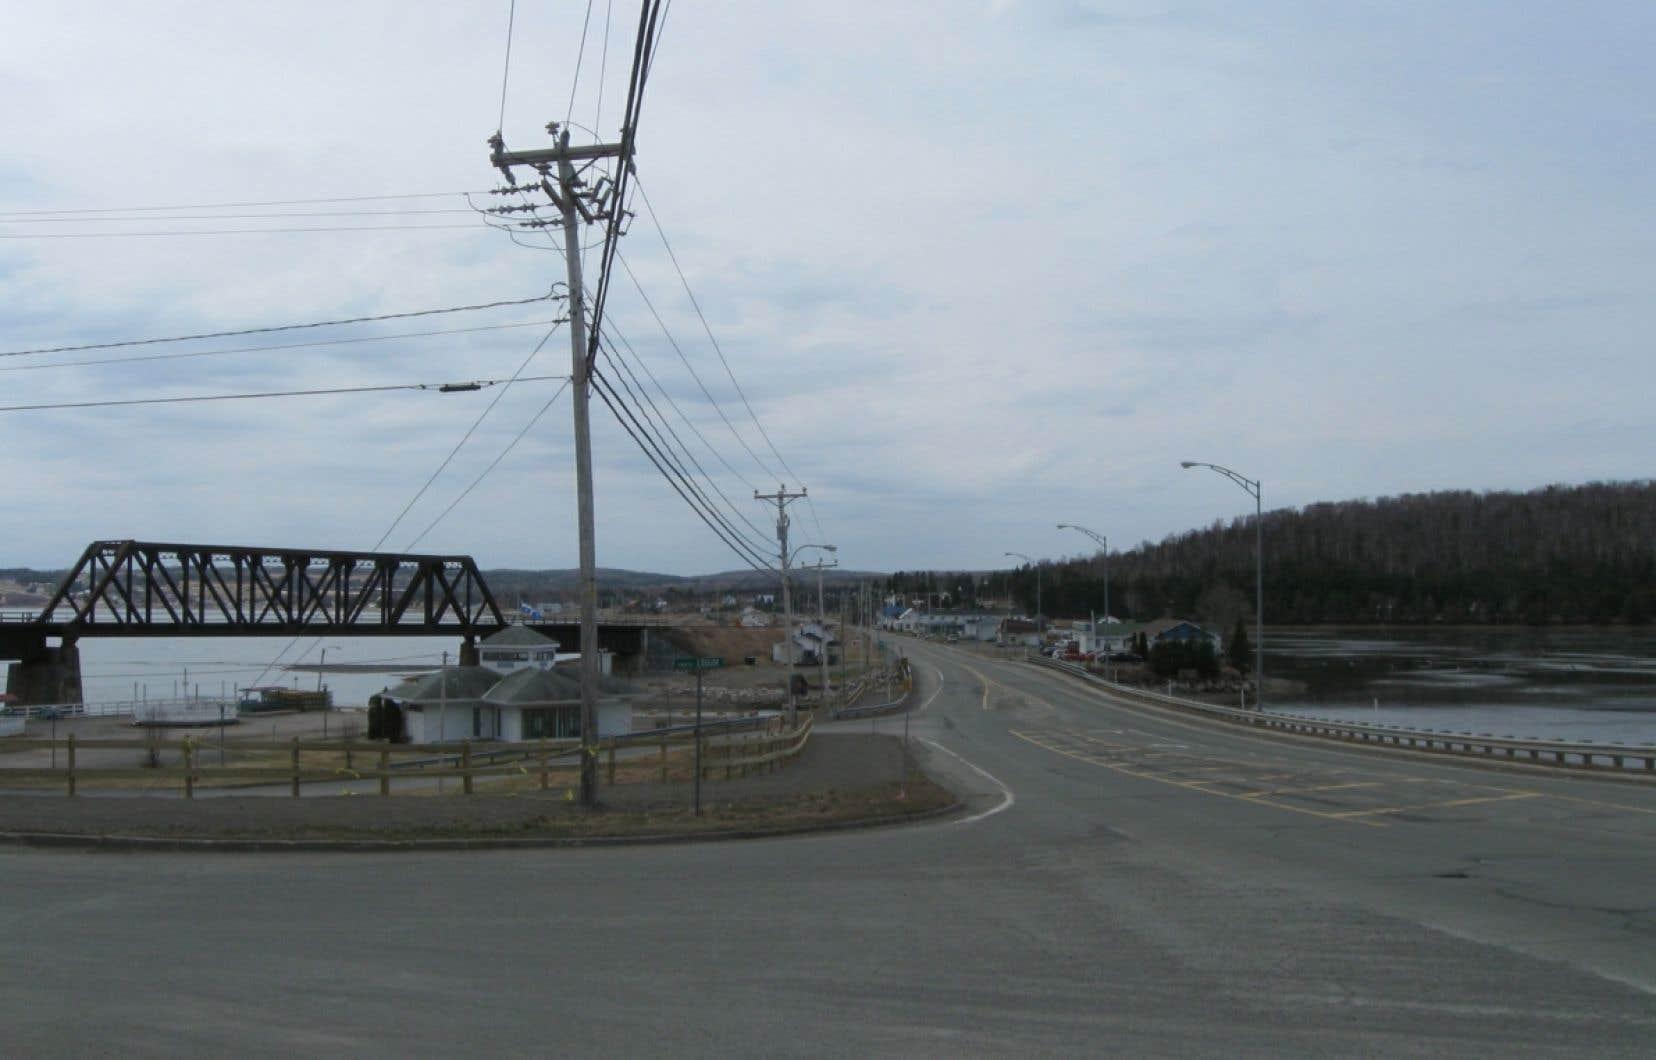 Le site de Port-Daniel a été choisi en raison de ses réserves de calcaire et de sa proximité des voies maritimes.